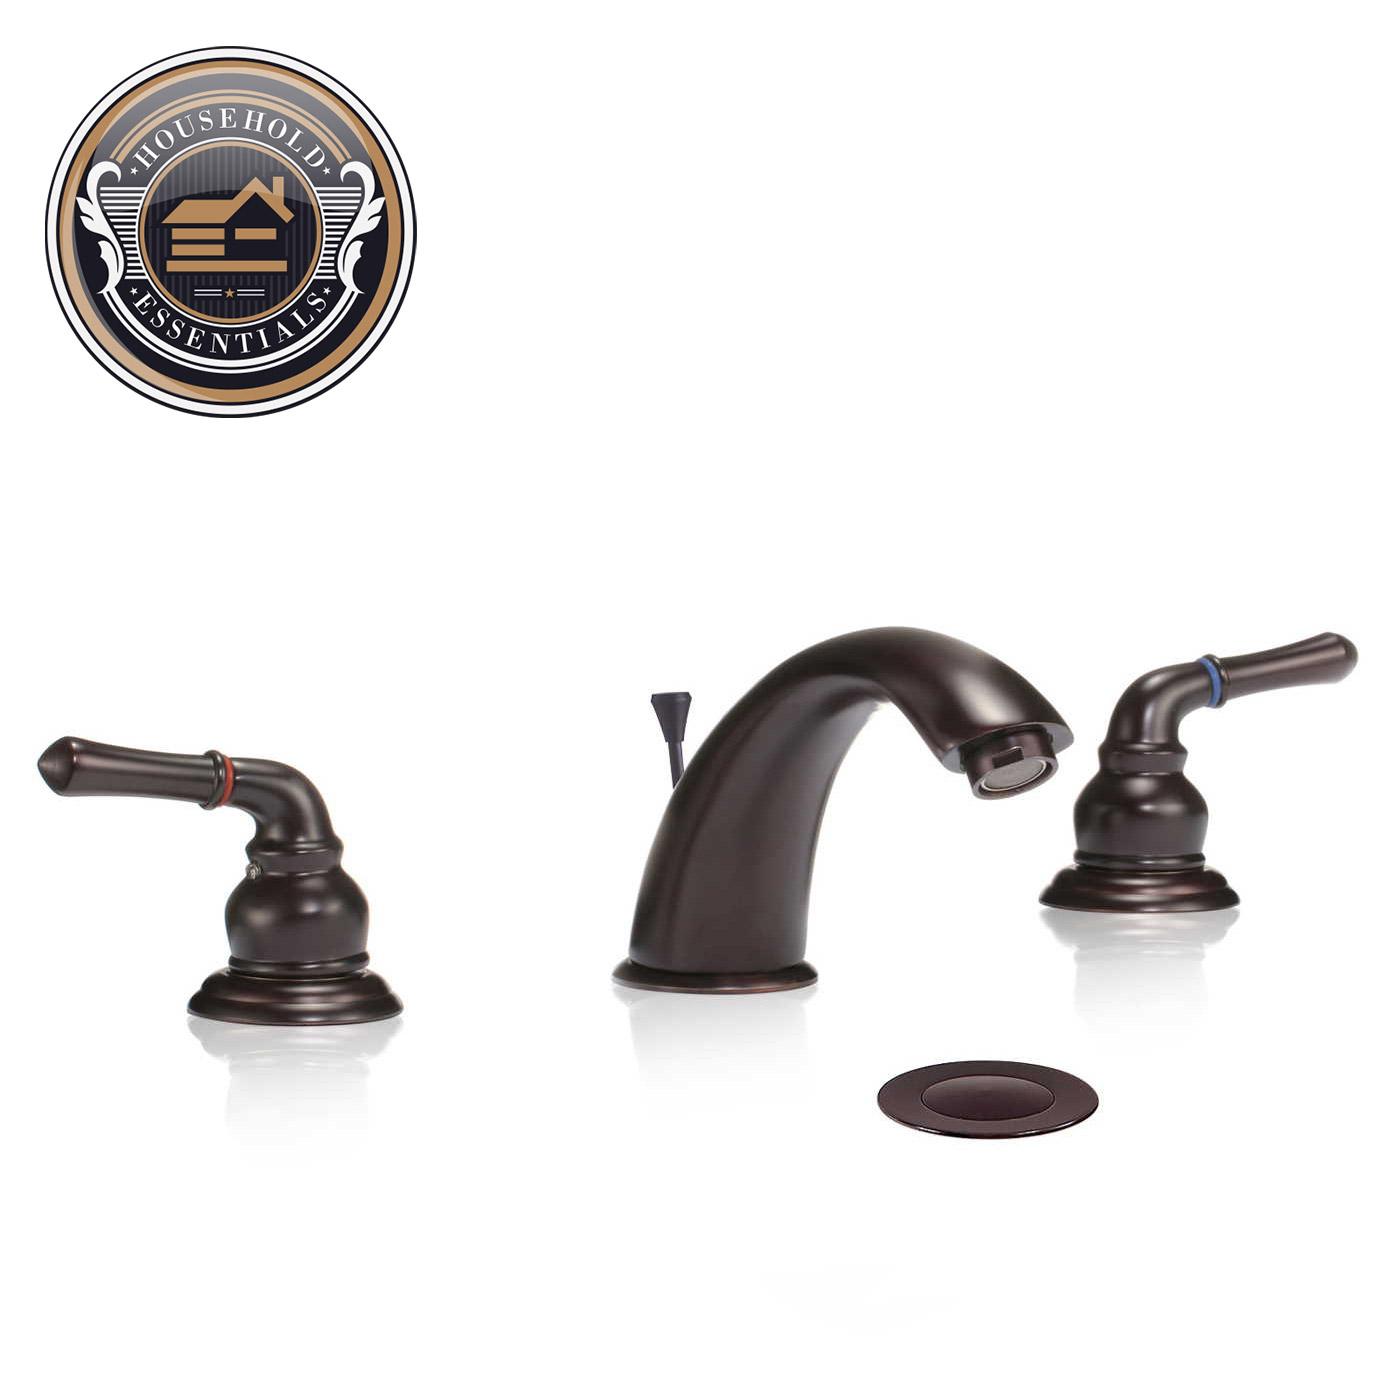 Home & Garden > Home Improvement > Plumbing & Fixtures > Fau...